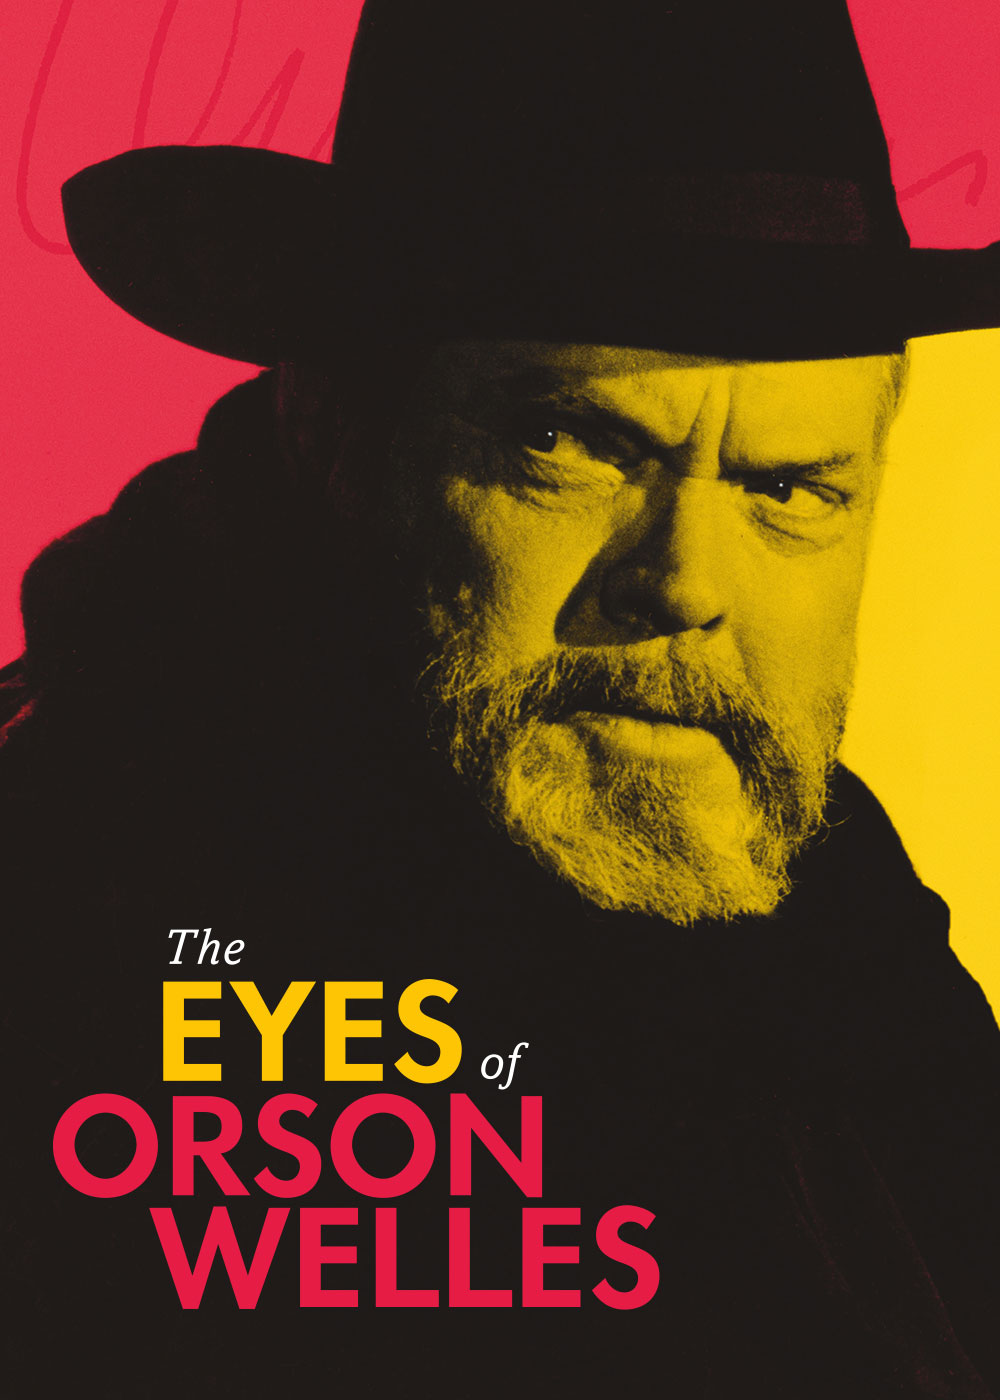 eyesoforsonwelles_poster.jpg